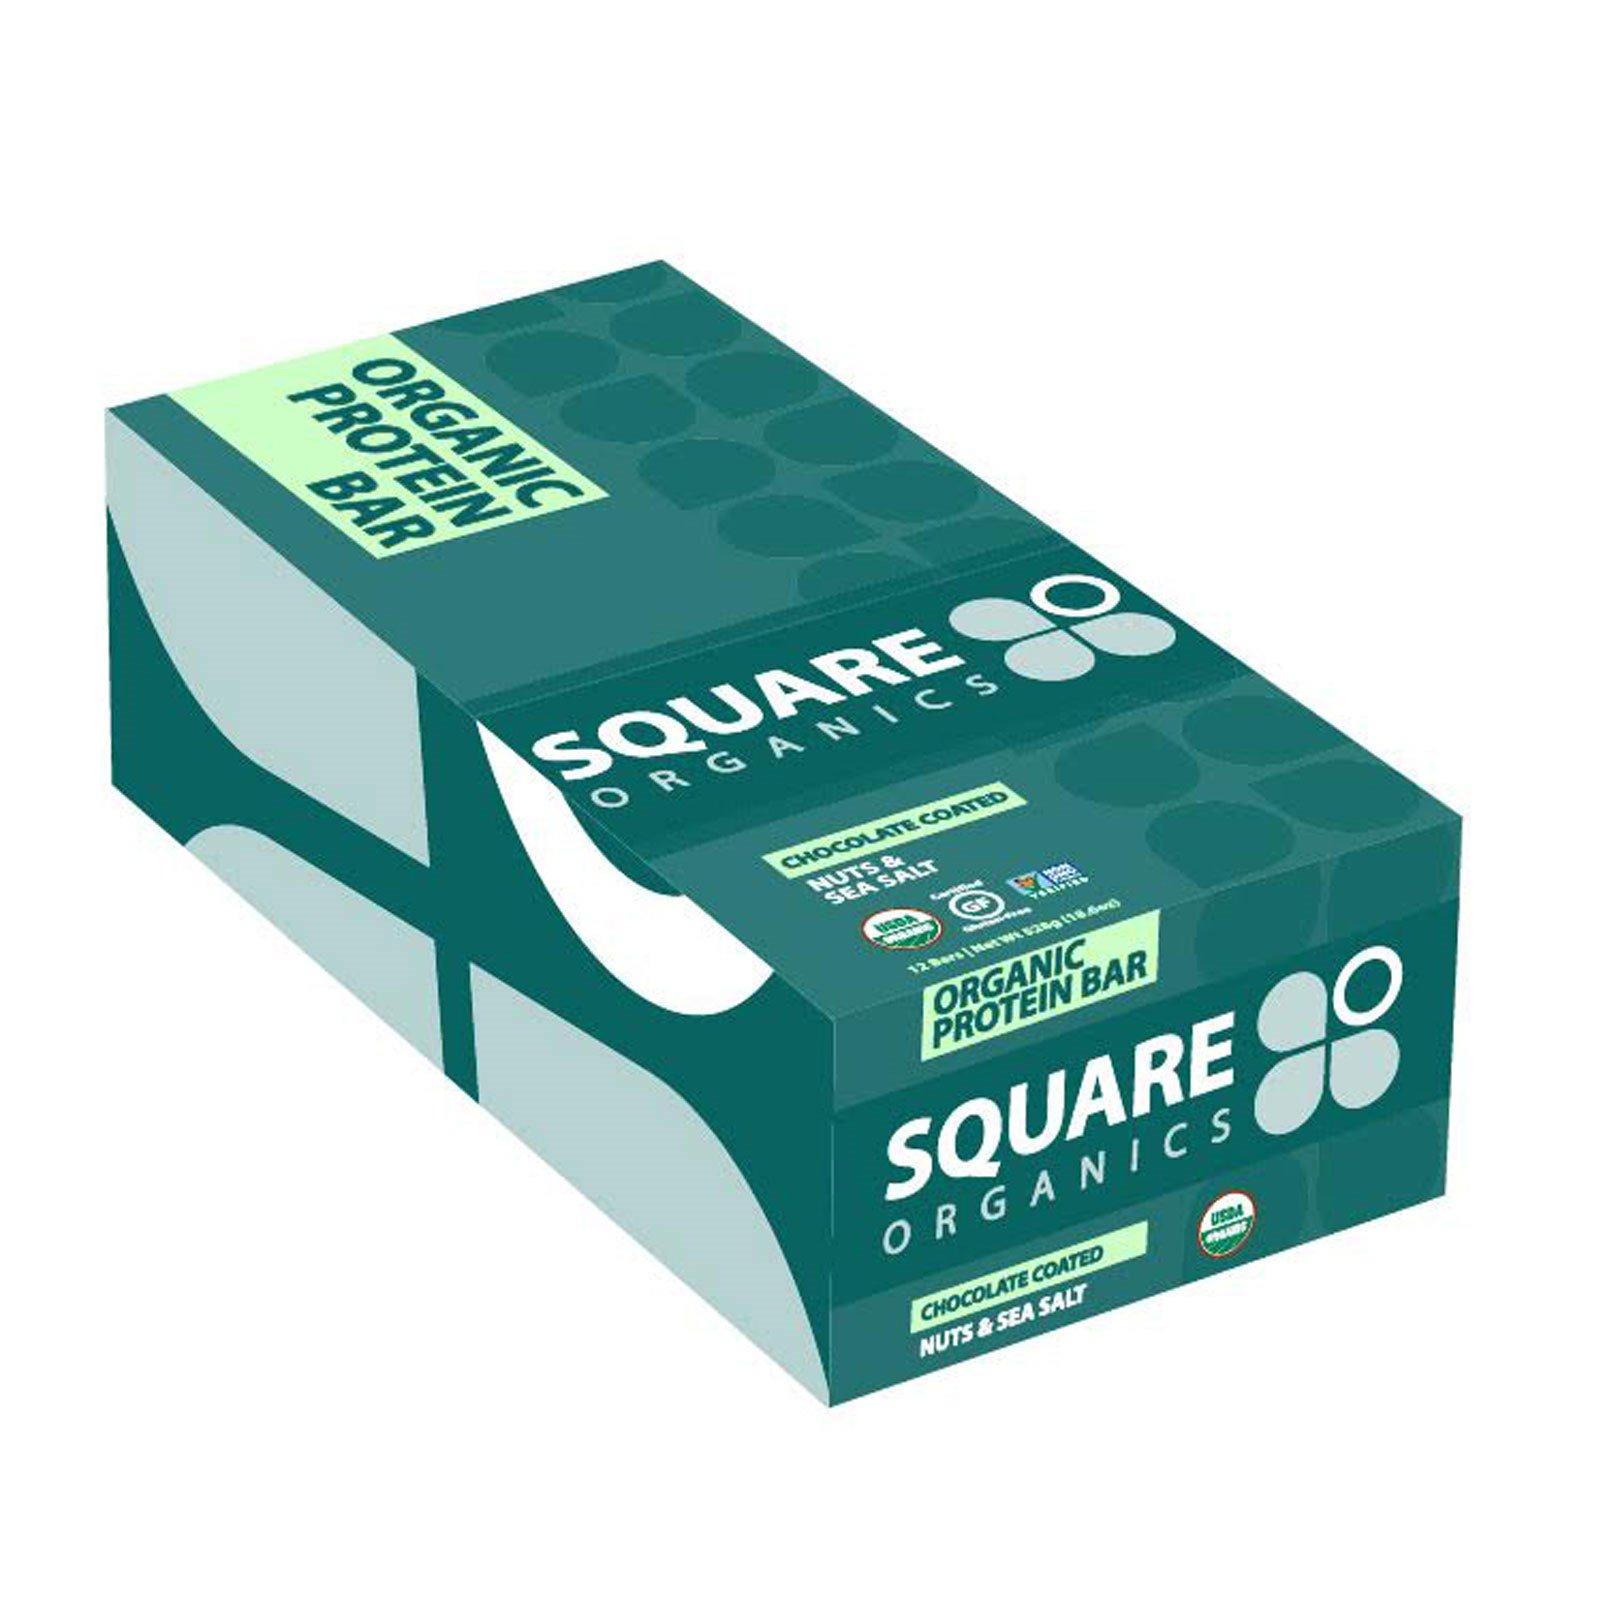 Square Organics, Органические белковые батончики, орехи в шоколаде с добавлением морской соли, 12 батончиков, 1,6 унции (44 г) Each